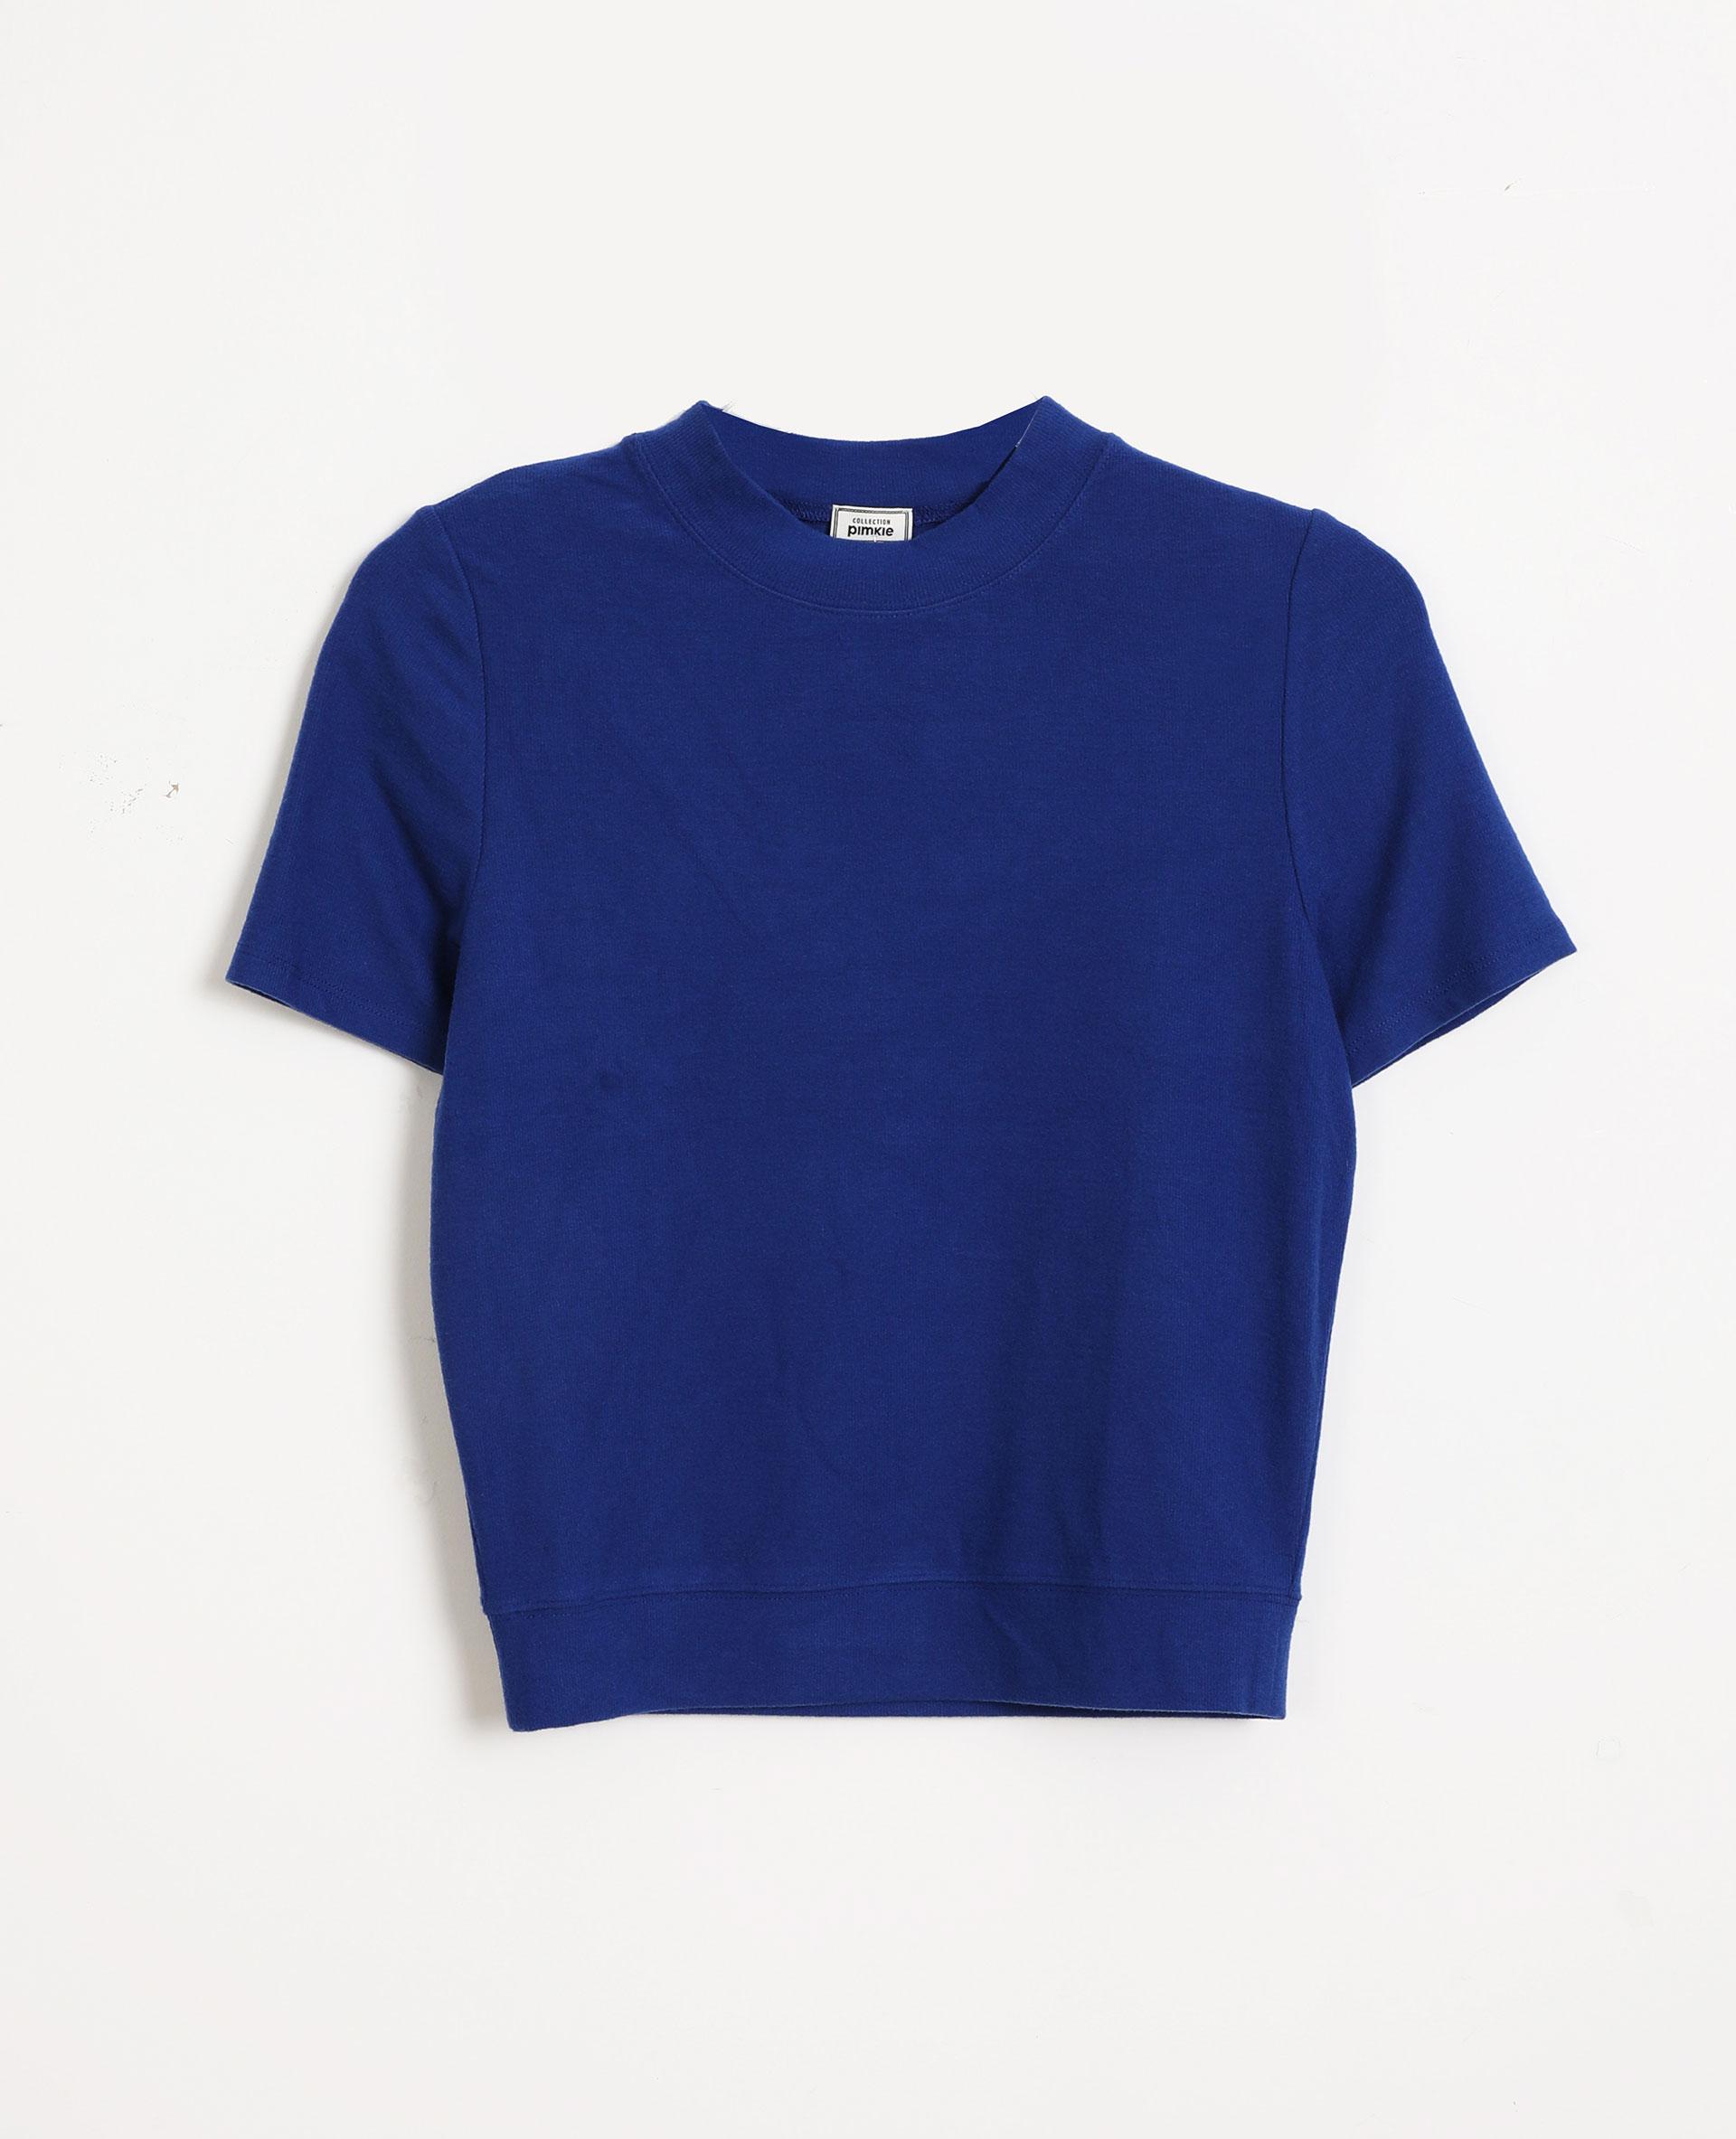 Top manches courtes bleu - Pimkie